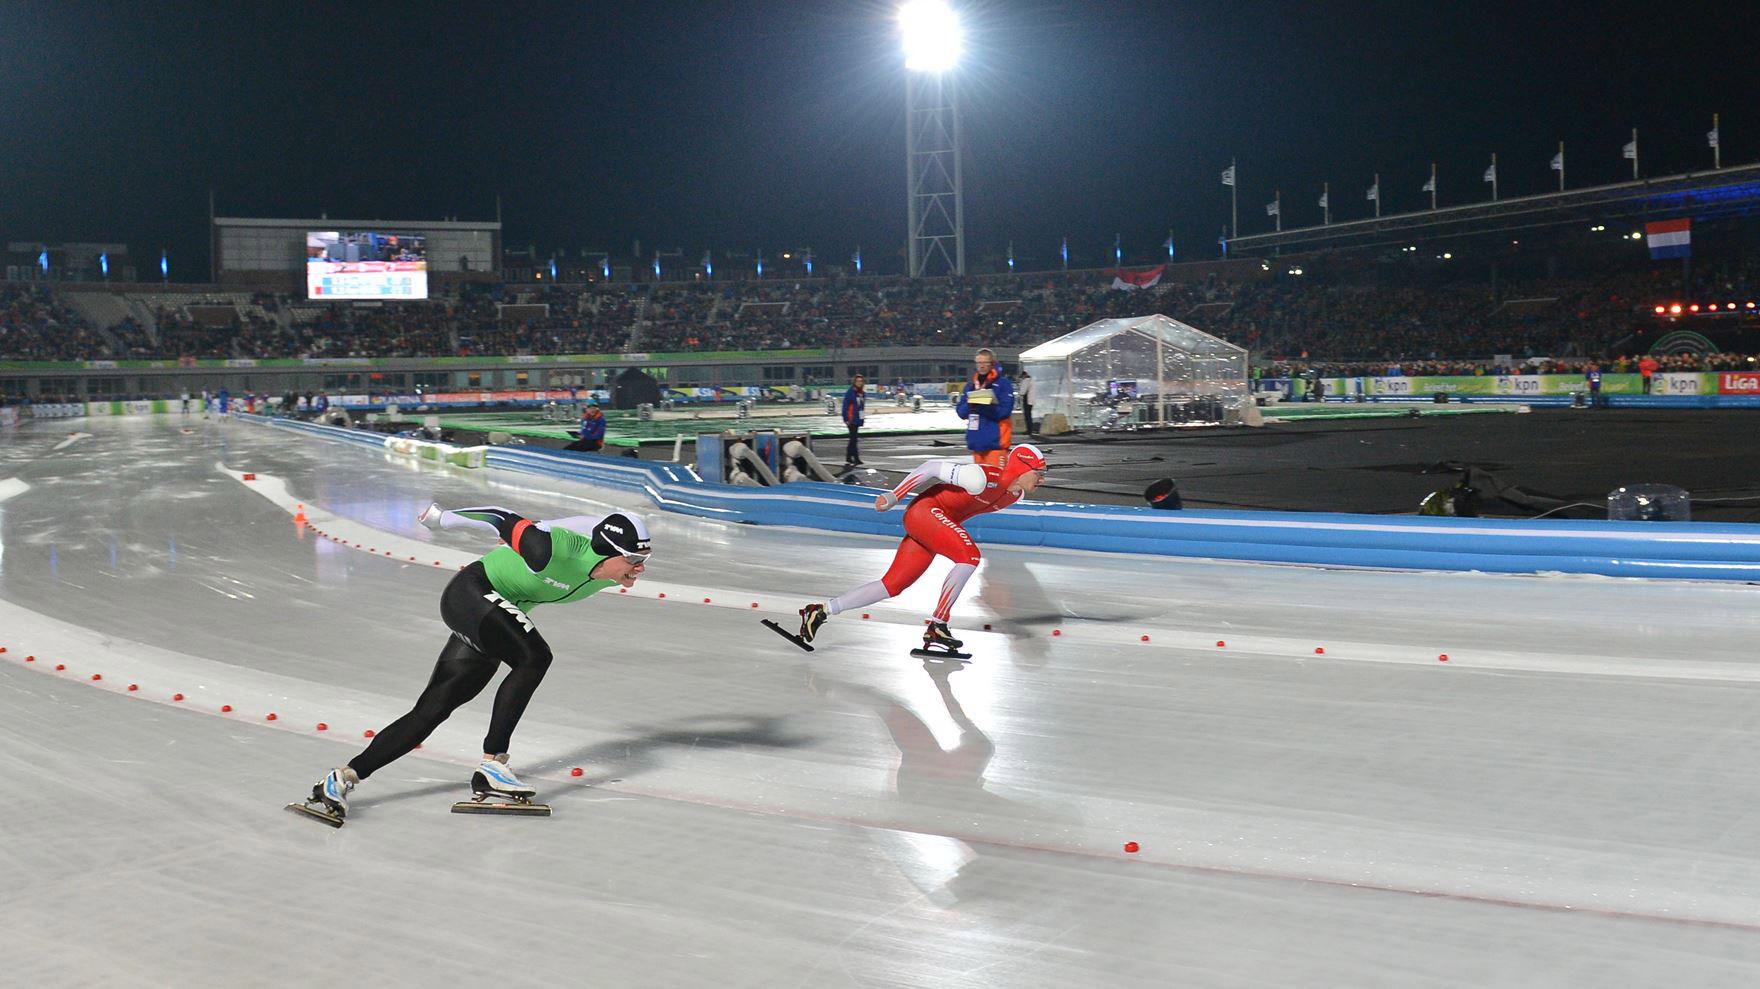 Rotteveel-verweij-schaatsen-2014